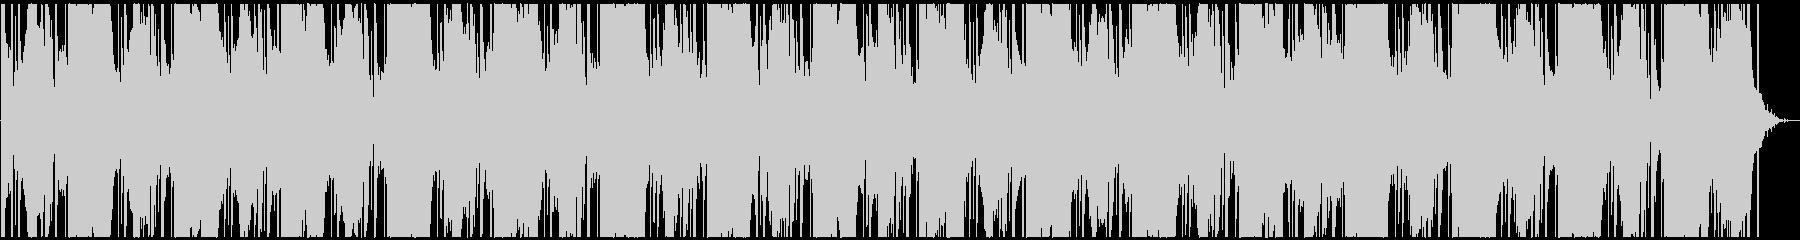 シーケンス ダークビート03の未再生の波形